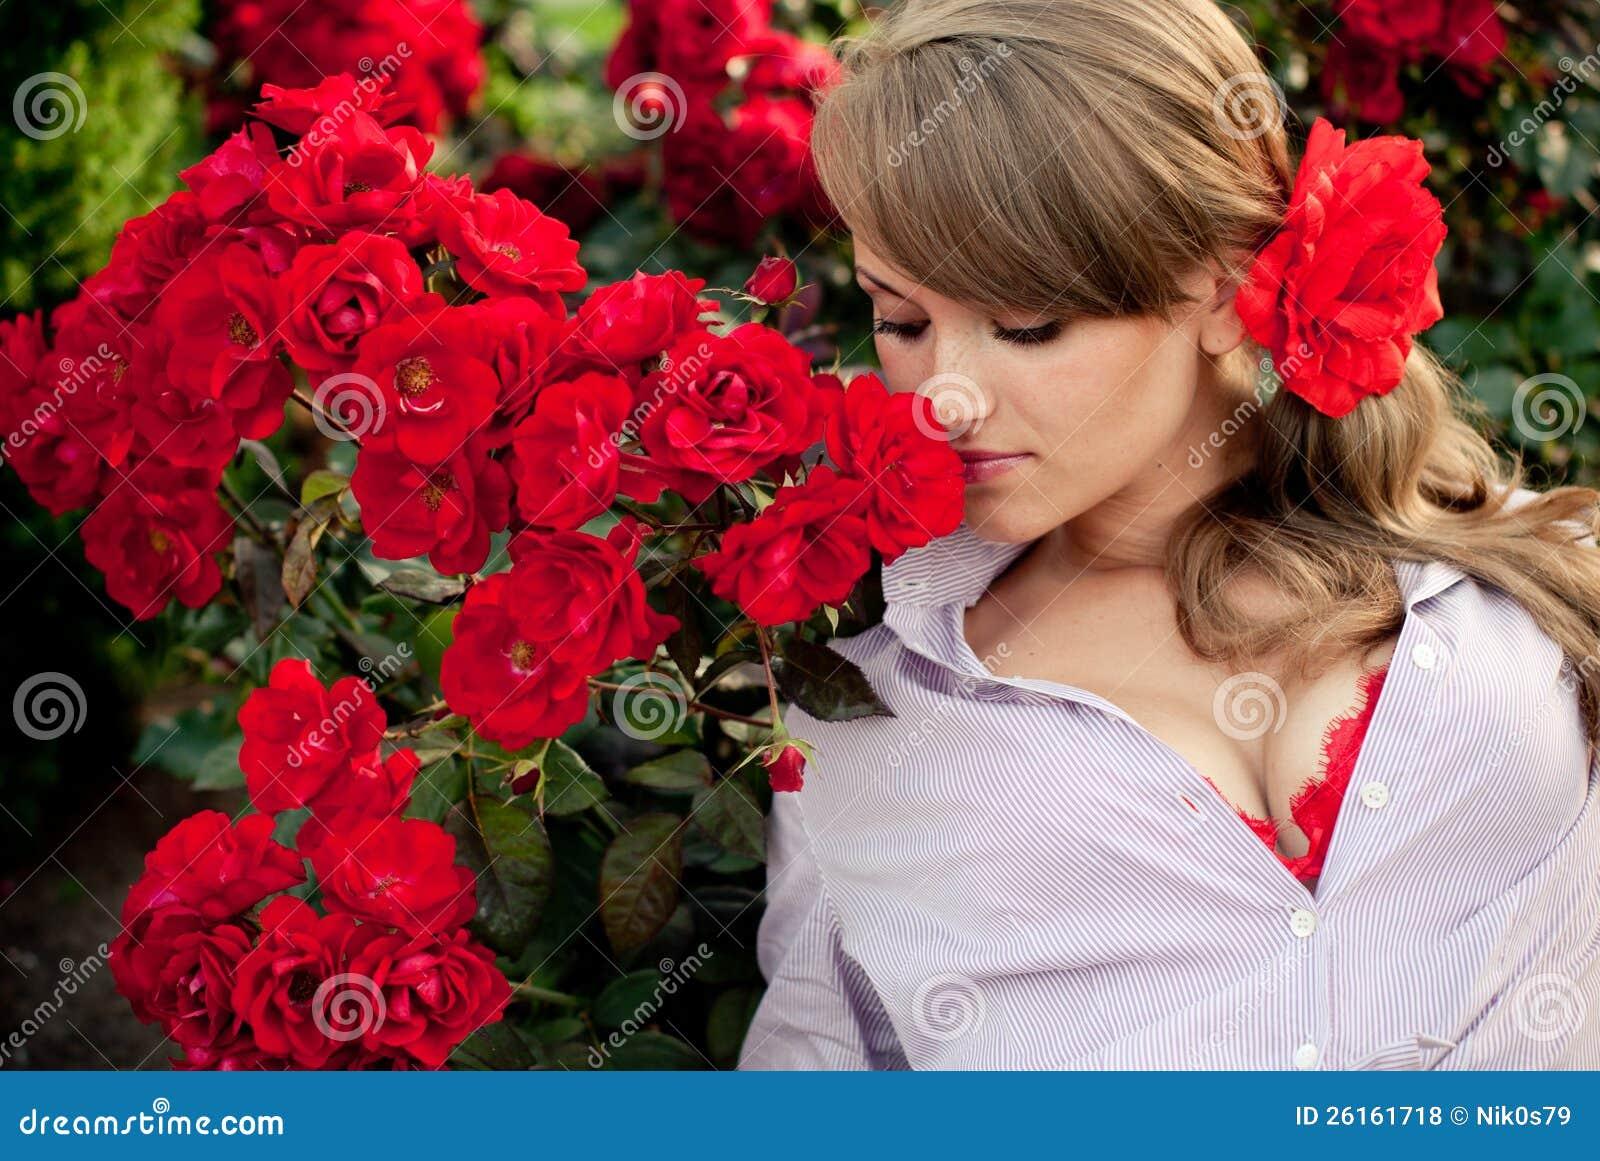 jardins rosas vermelhas: Royalty Free: Mulher nova no jardim de flor que cheira rosas vermelhas